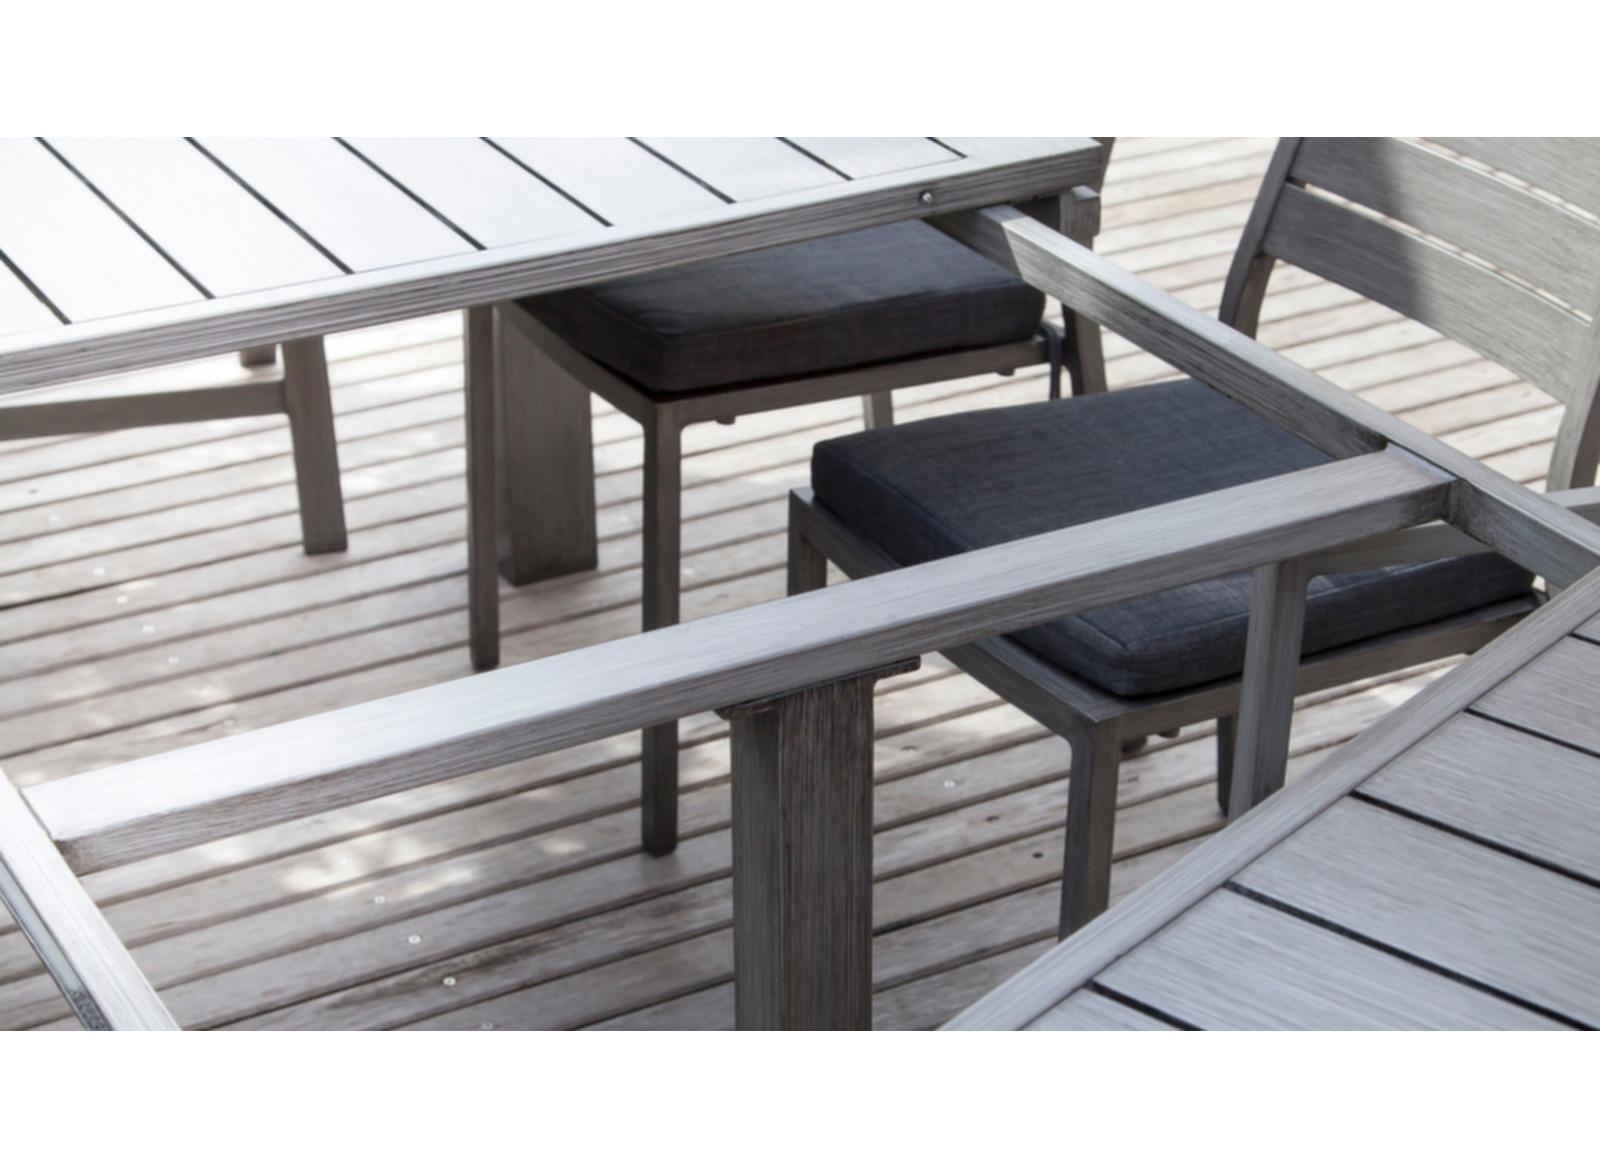 Salon de jardin avec grande table - Promotion - Proloisirs